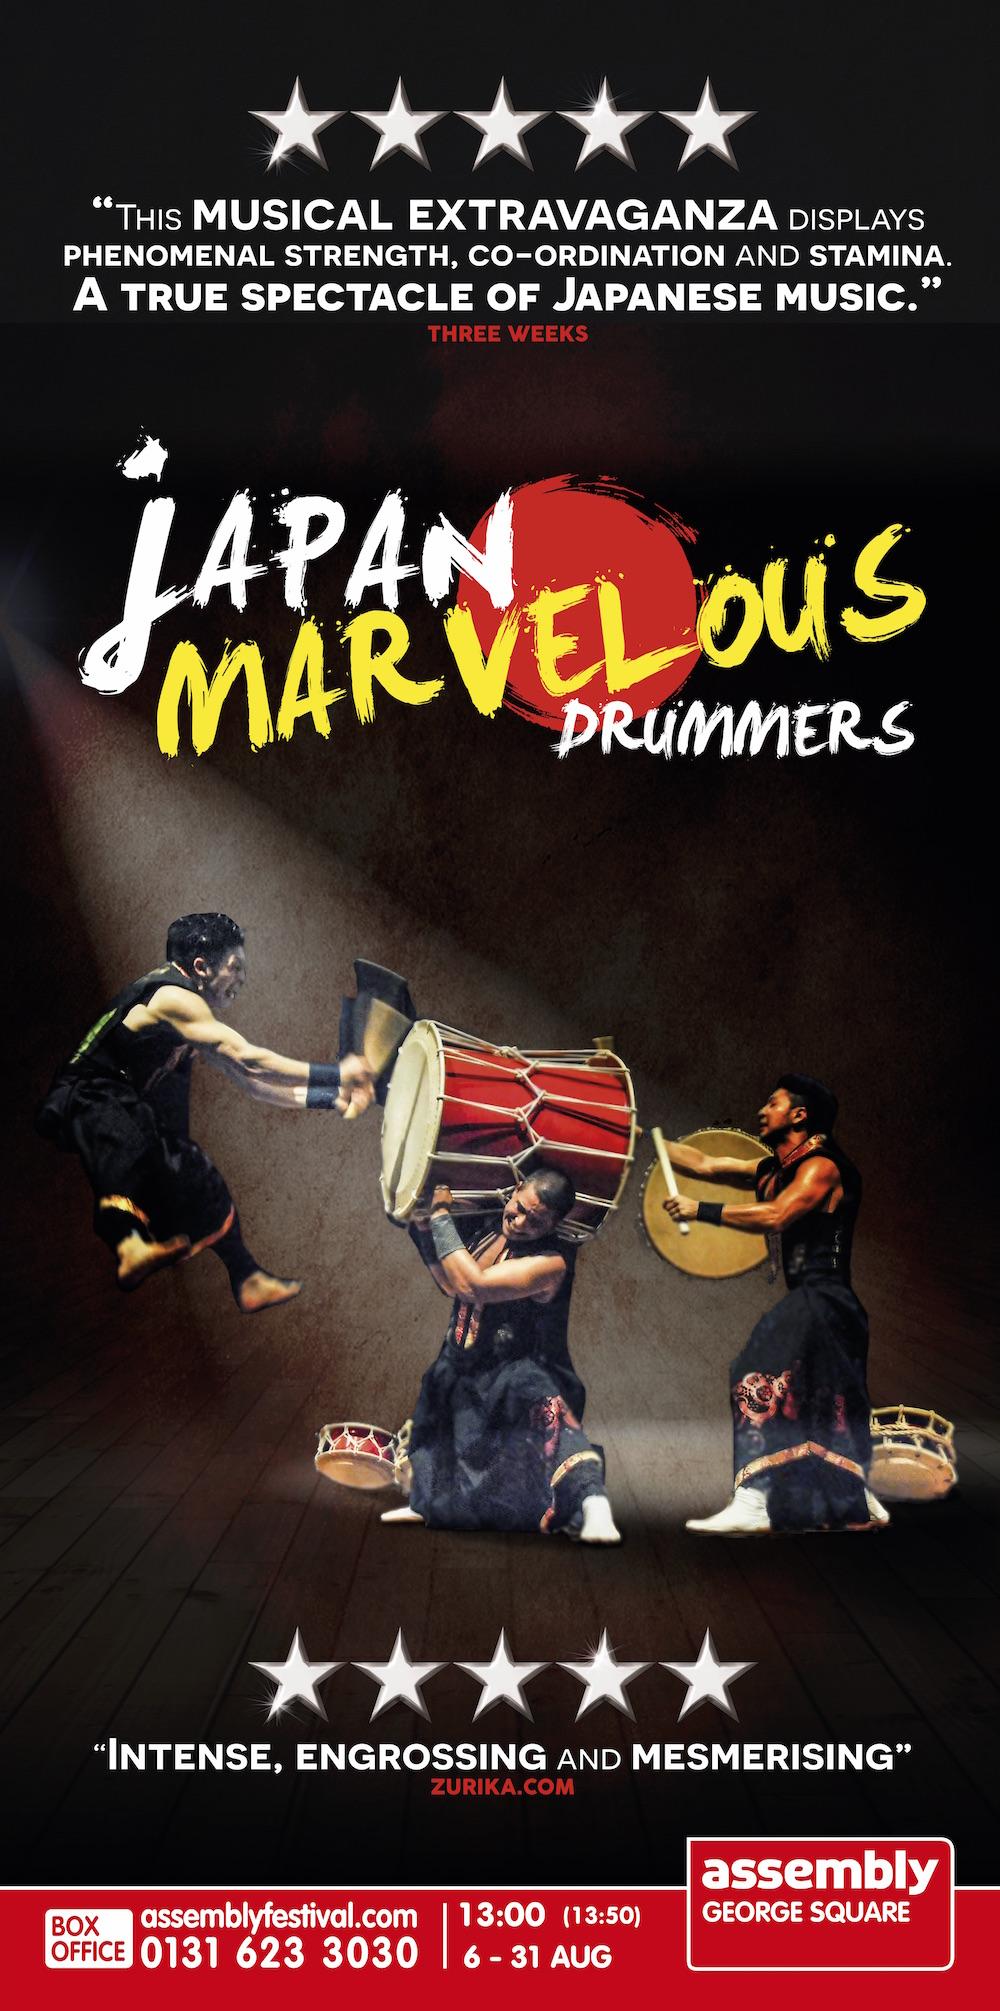 FT40 & FT22 Japan Marvellous Drummers copy.jpg